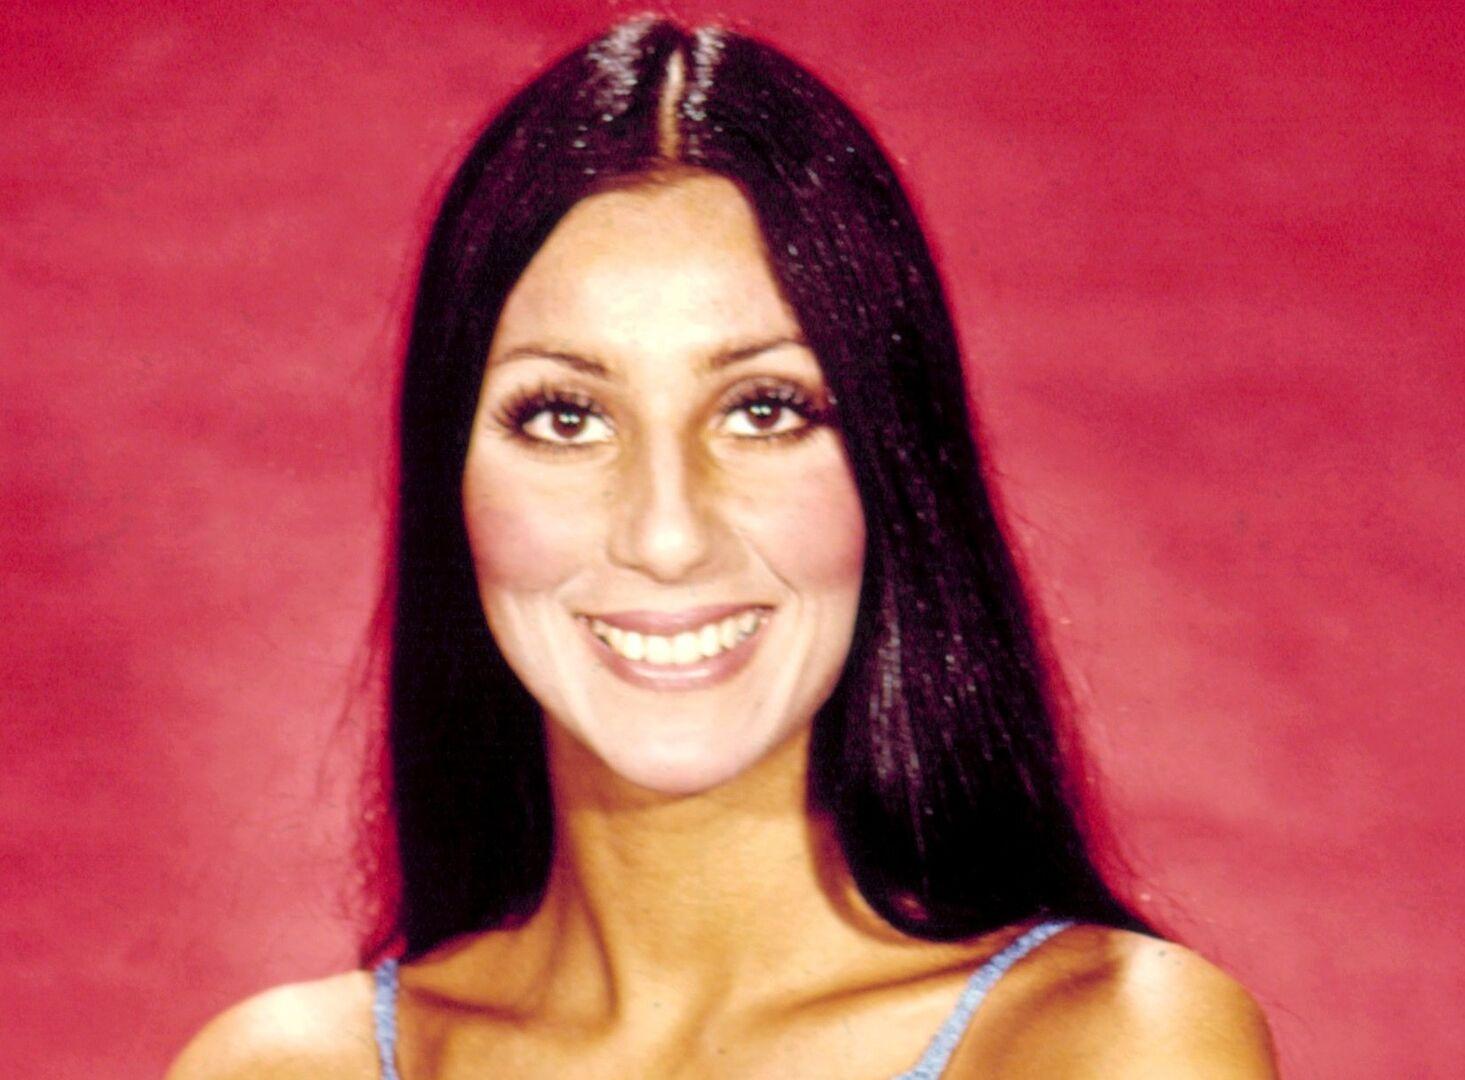 Fotos De Cher cher: 72 años devorando hombres - chic